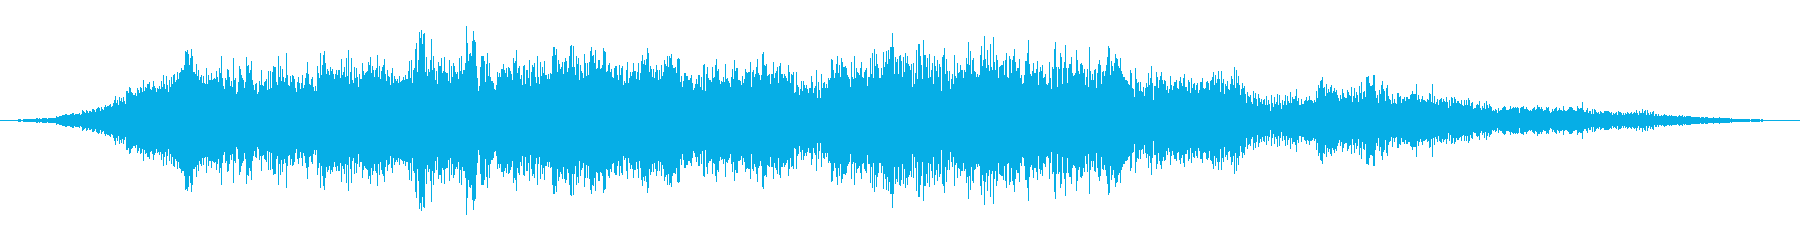 カジノベースゲームスピンBGM4パターンの再生済みの波形